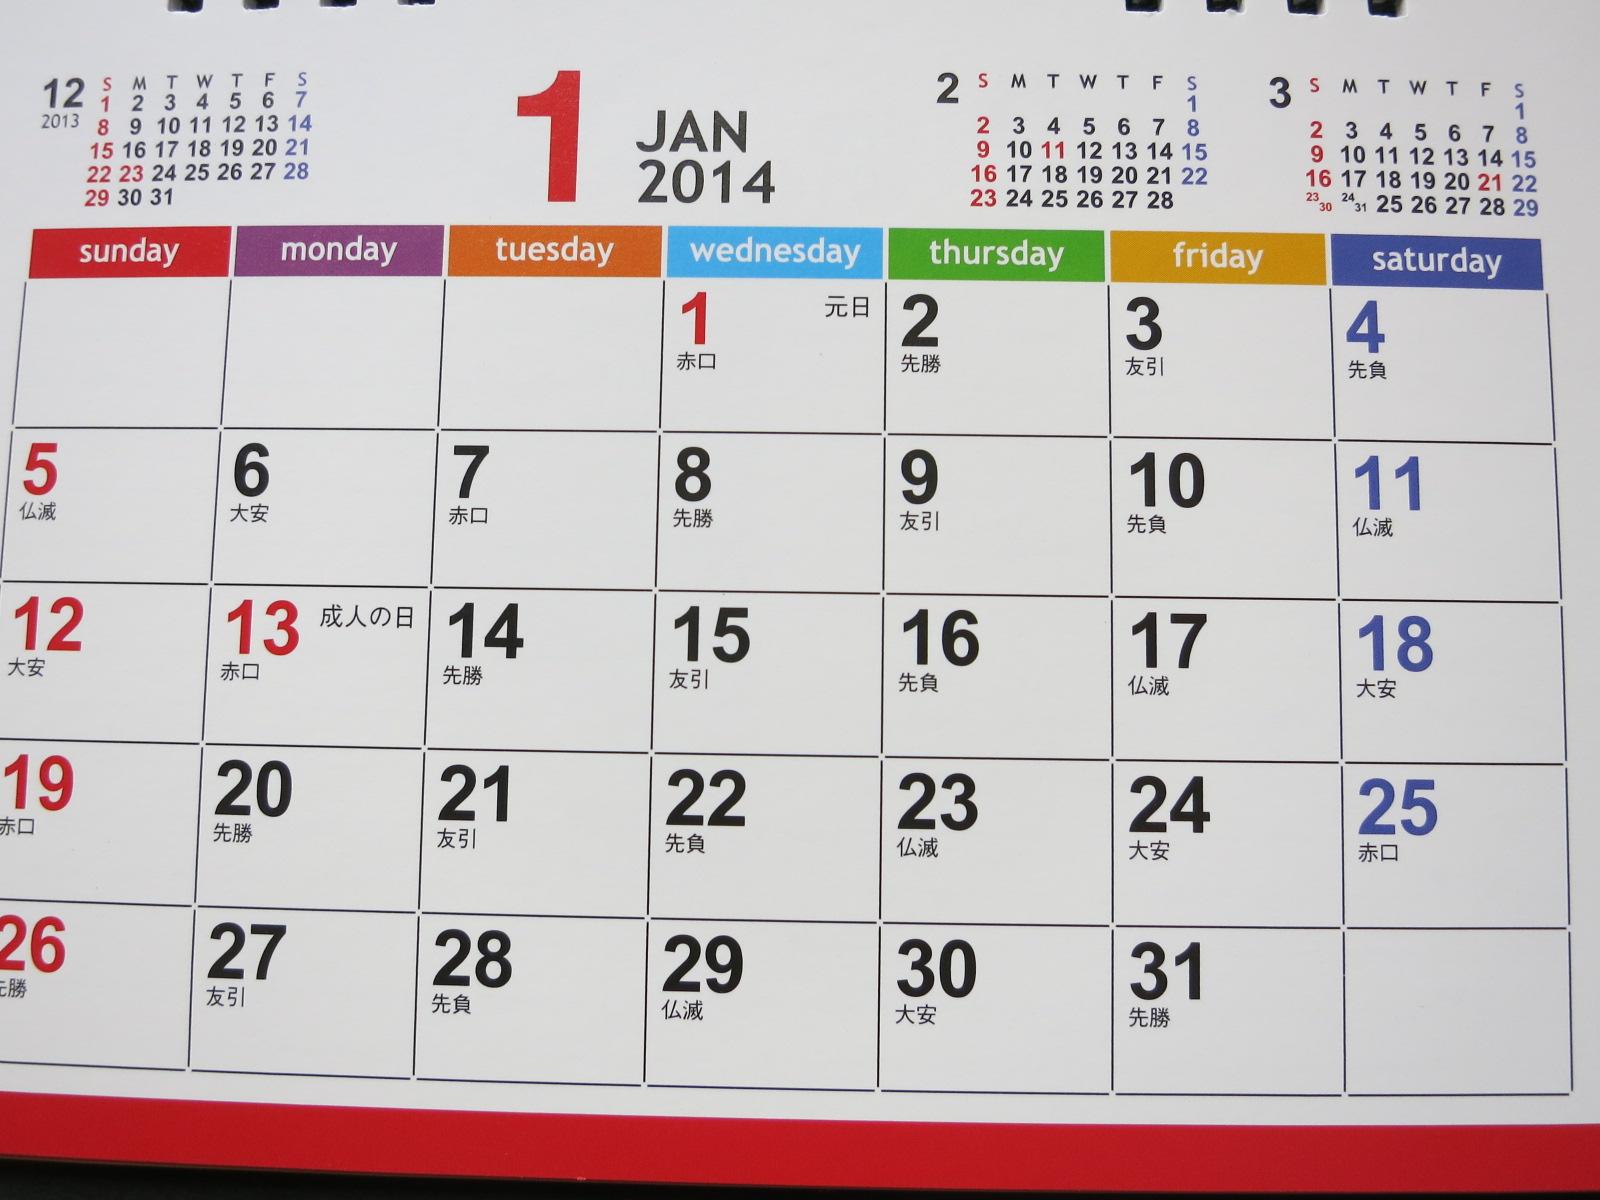 exciteお年玉キャンペーン★カレンダーいただきました♪_f0236260_12592418.jpg